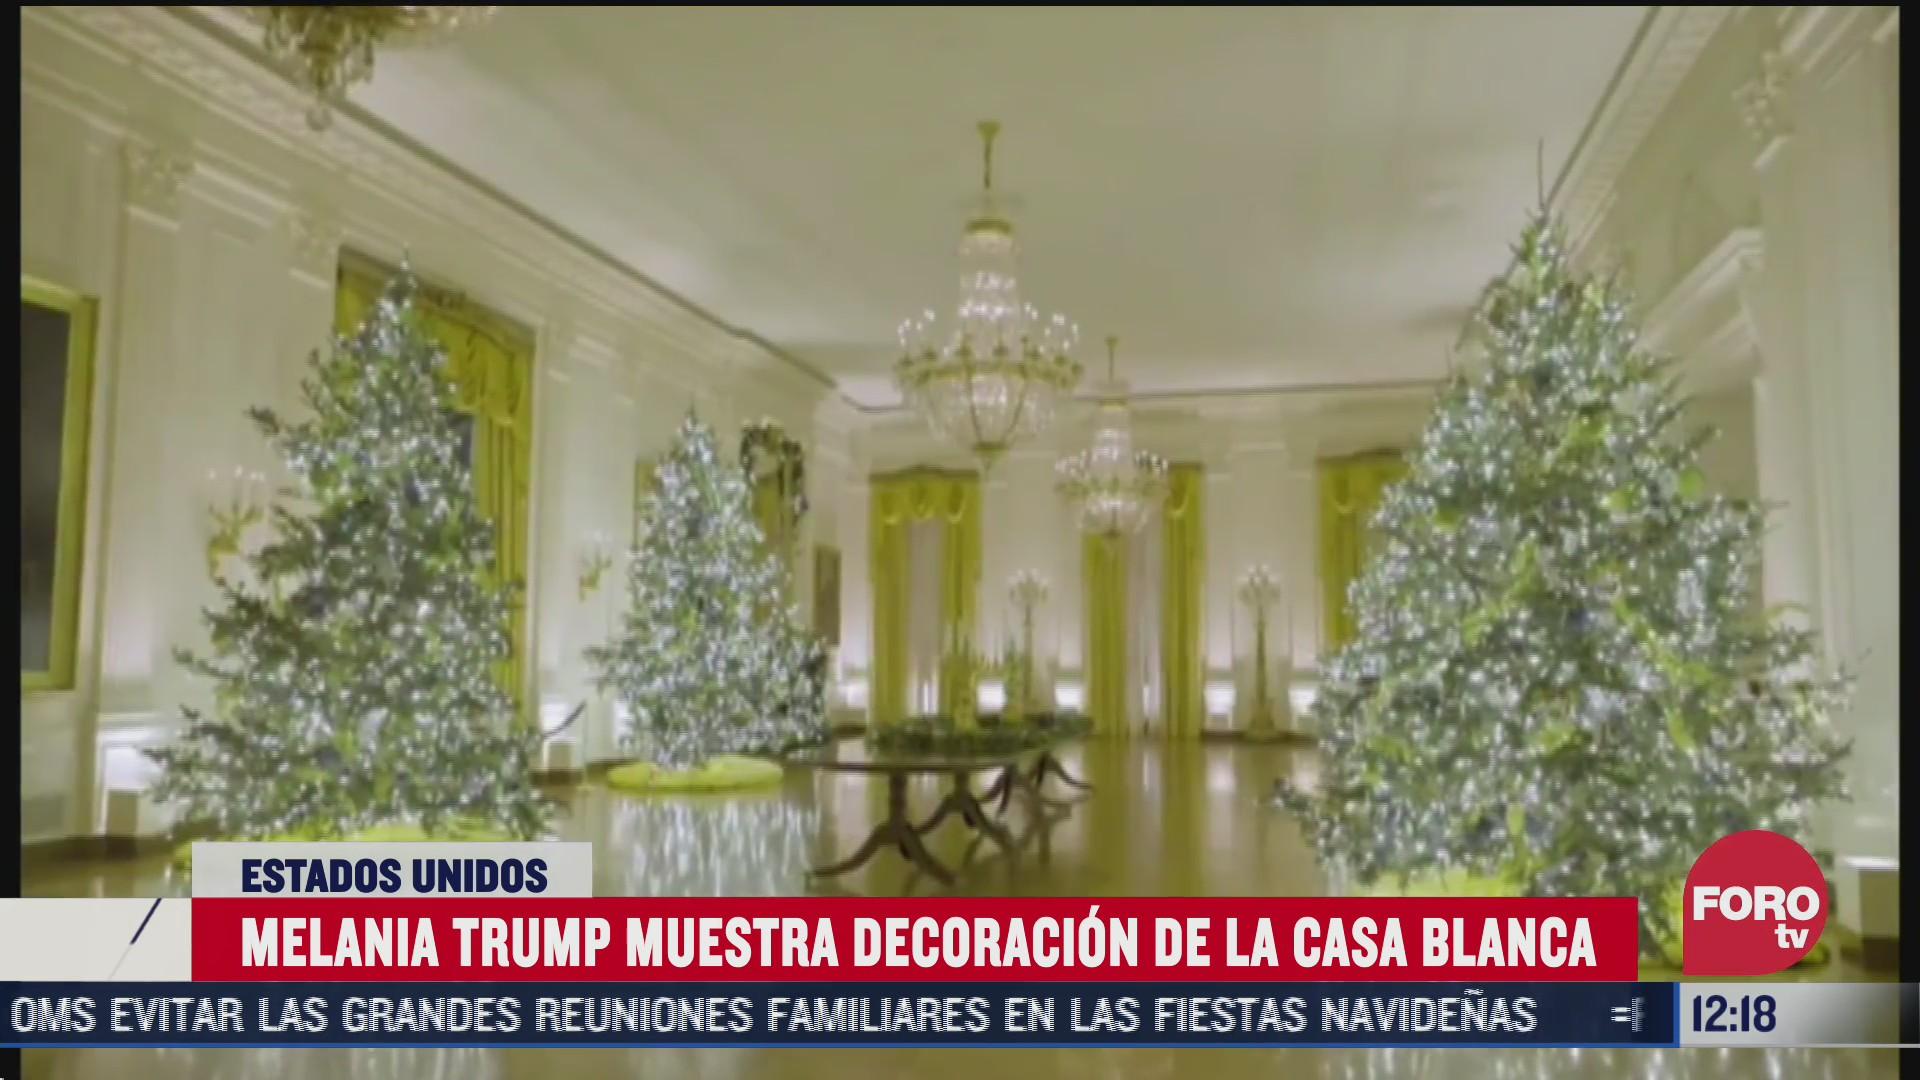 melania trump presenta la decoracion navidena de la casa blanca